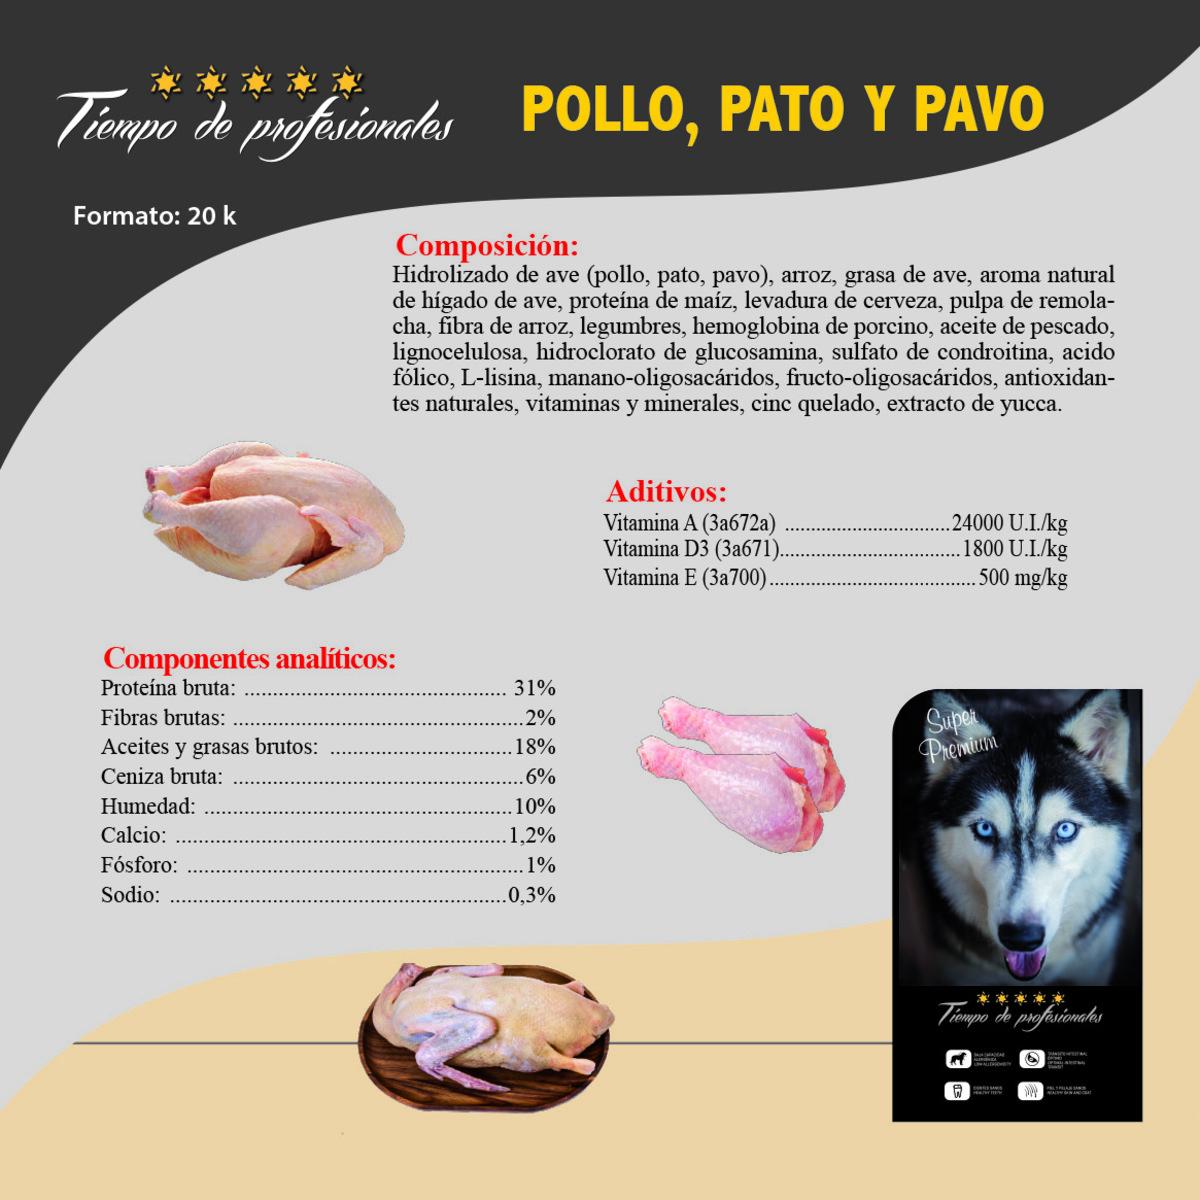 Pollo, Pato y Pavo 20kg